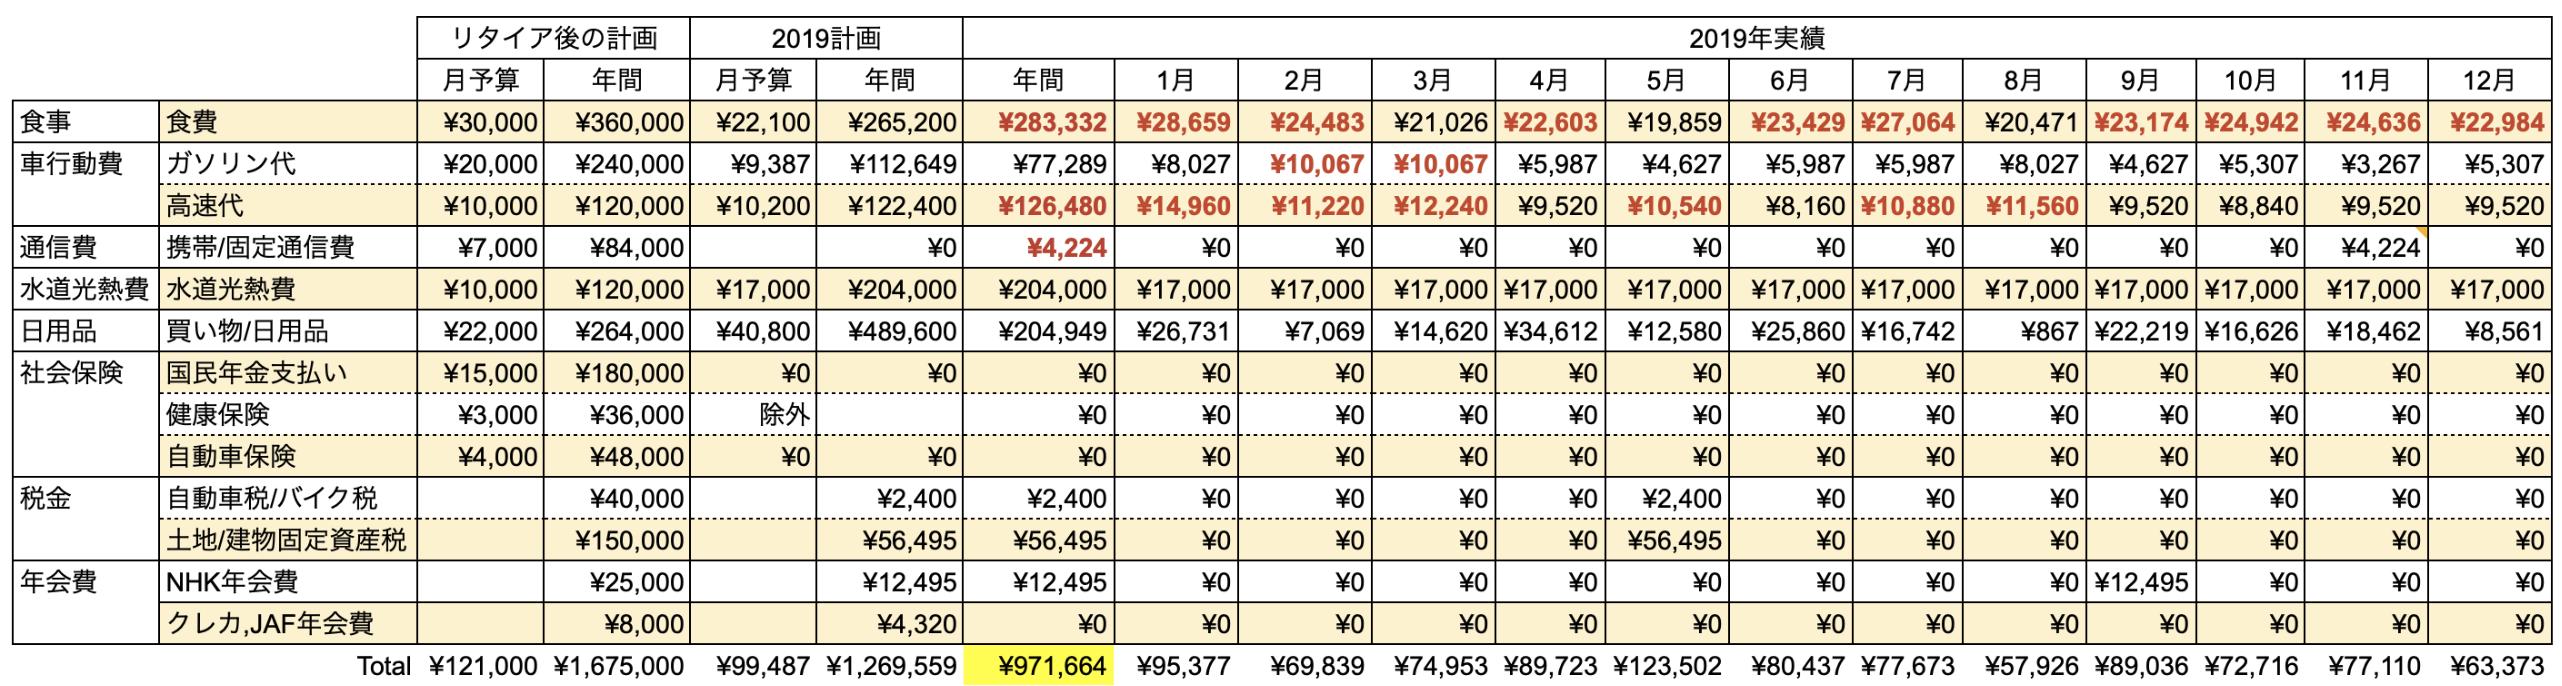 支出実績2019_12月_生活費